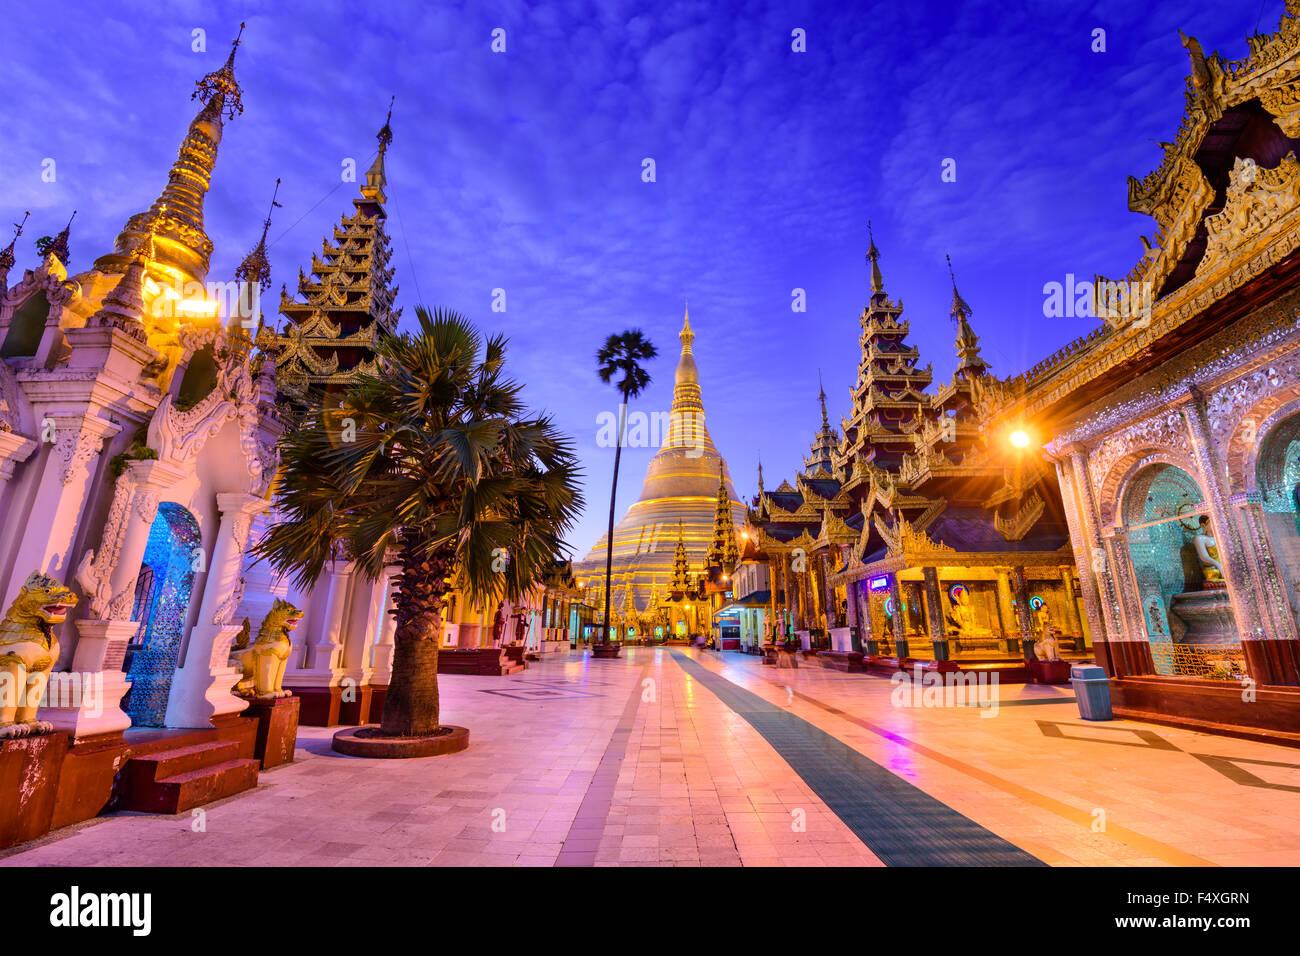 Shwedagon Pagoda in Yangon, Myanmar. - Stock Image